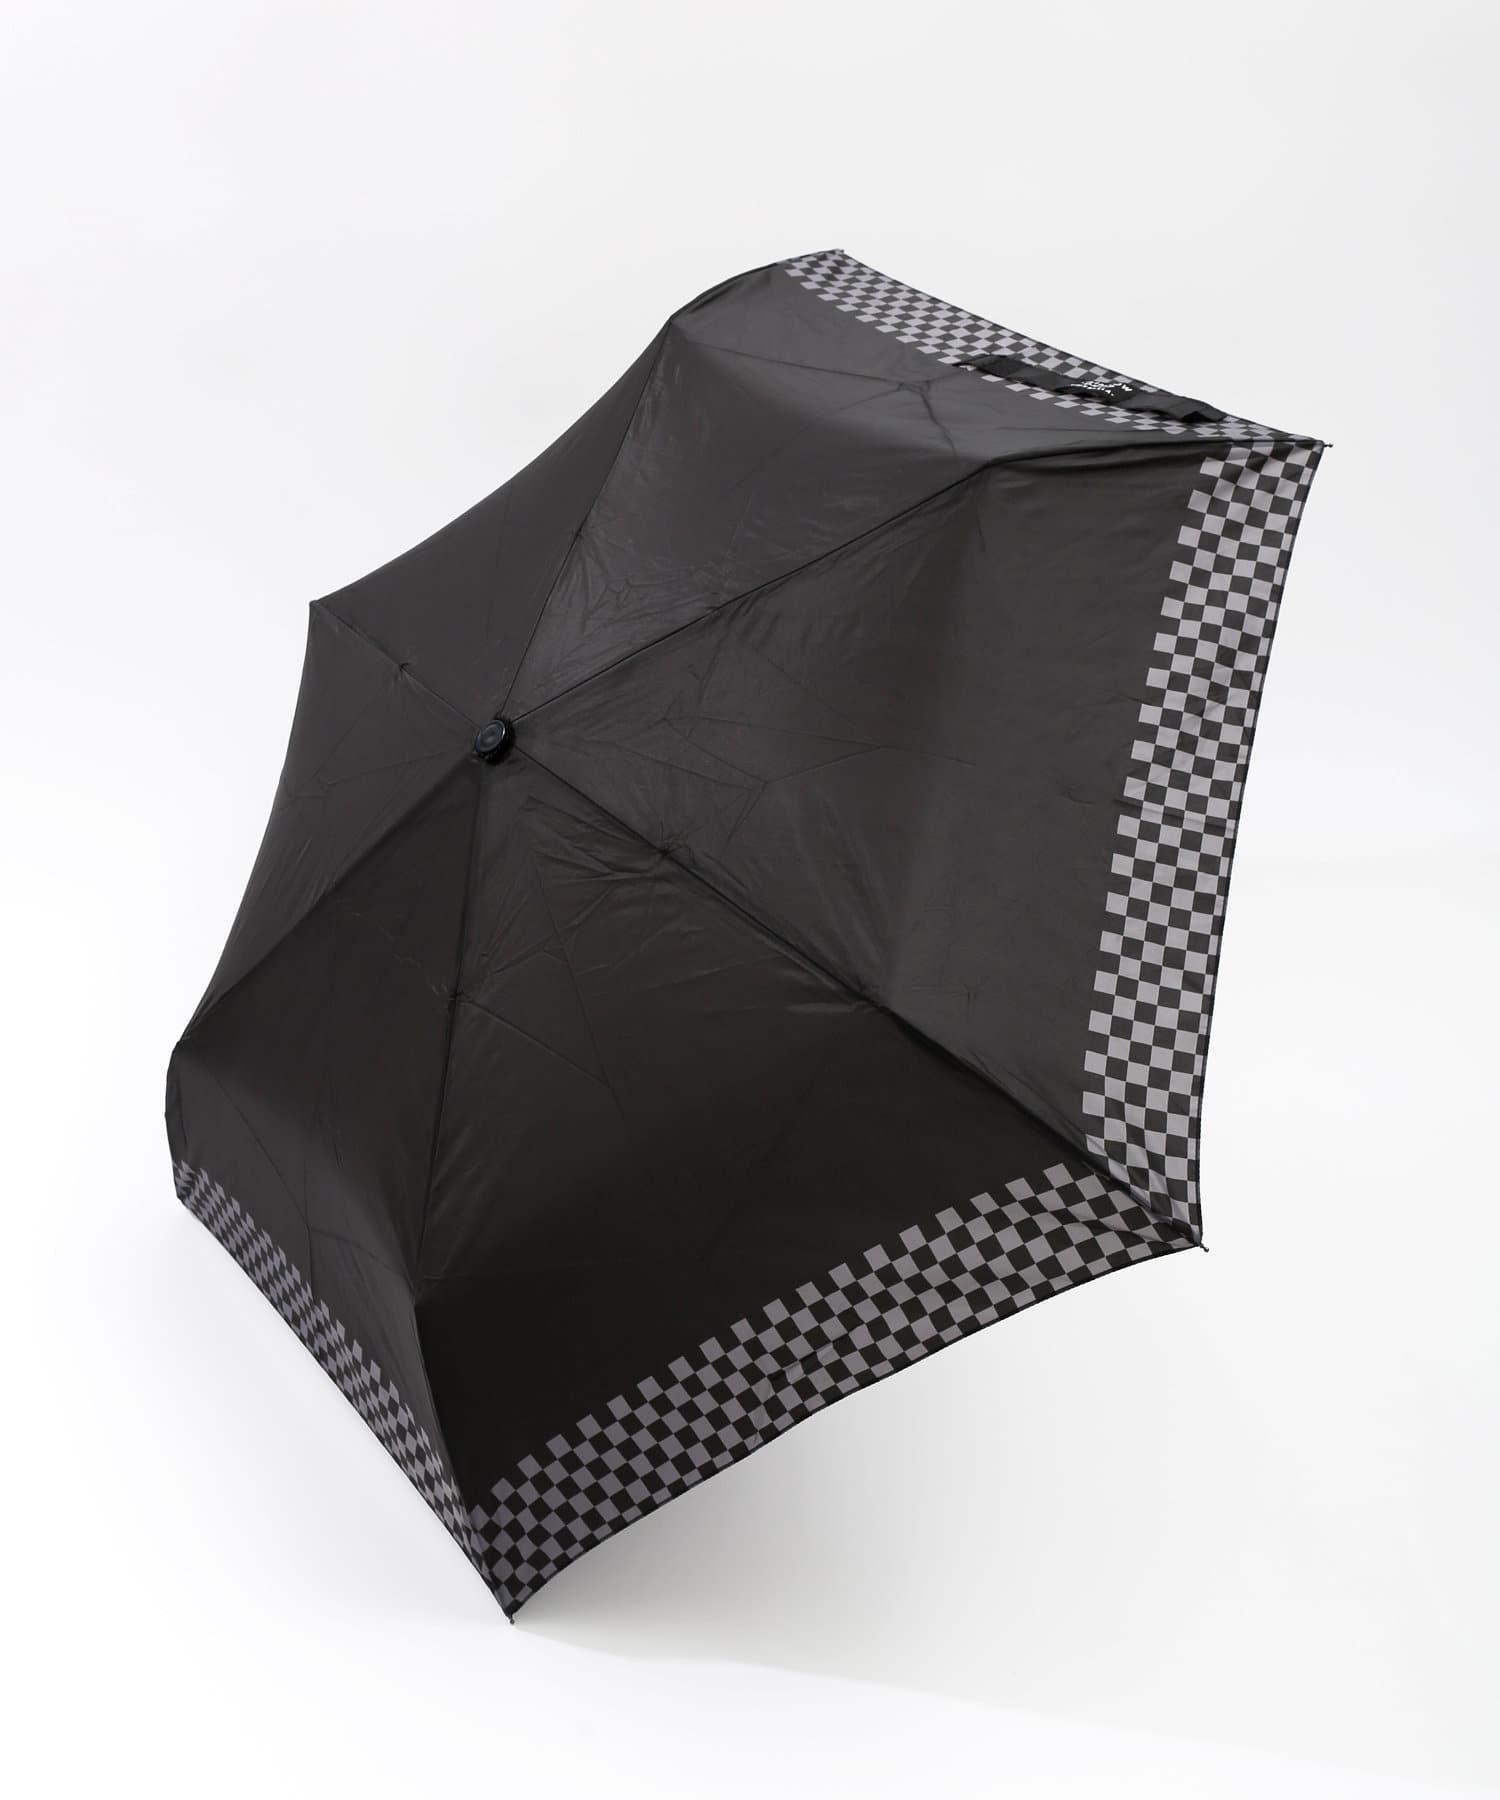 ASOKO(アソコ) 《WEB限定》カラビナ付折り畳み傘ブロックチェック